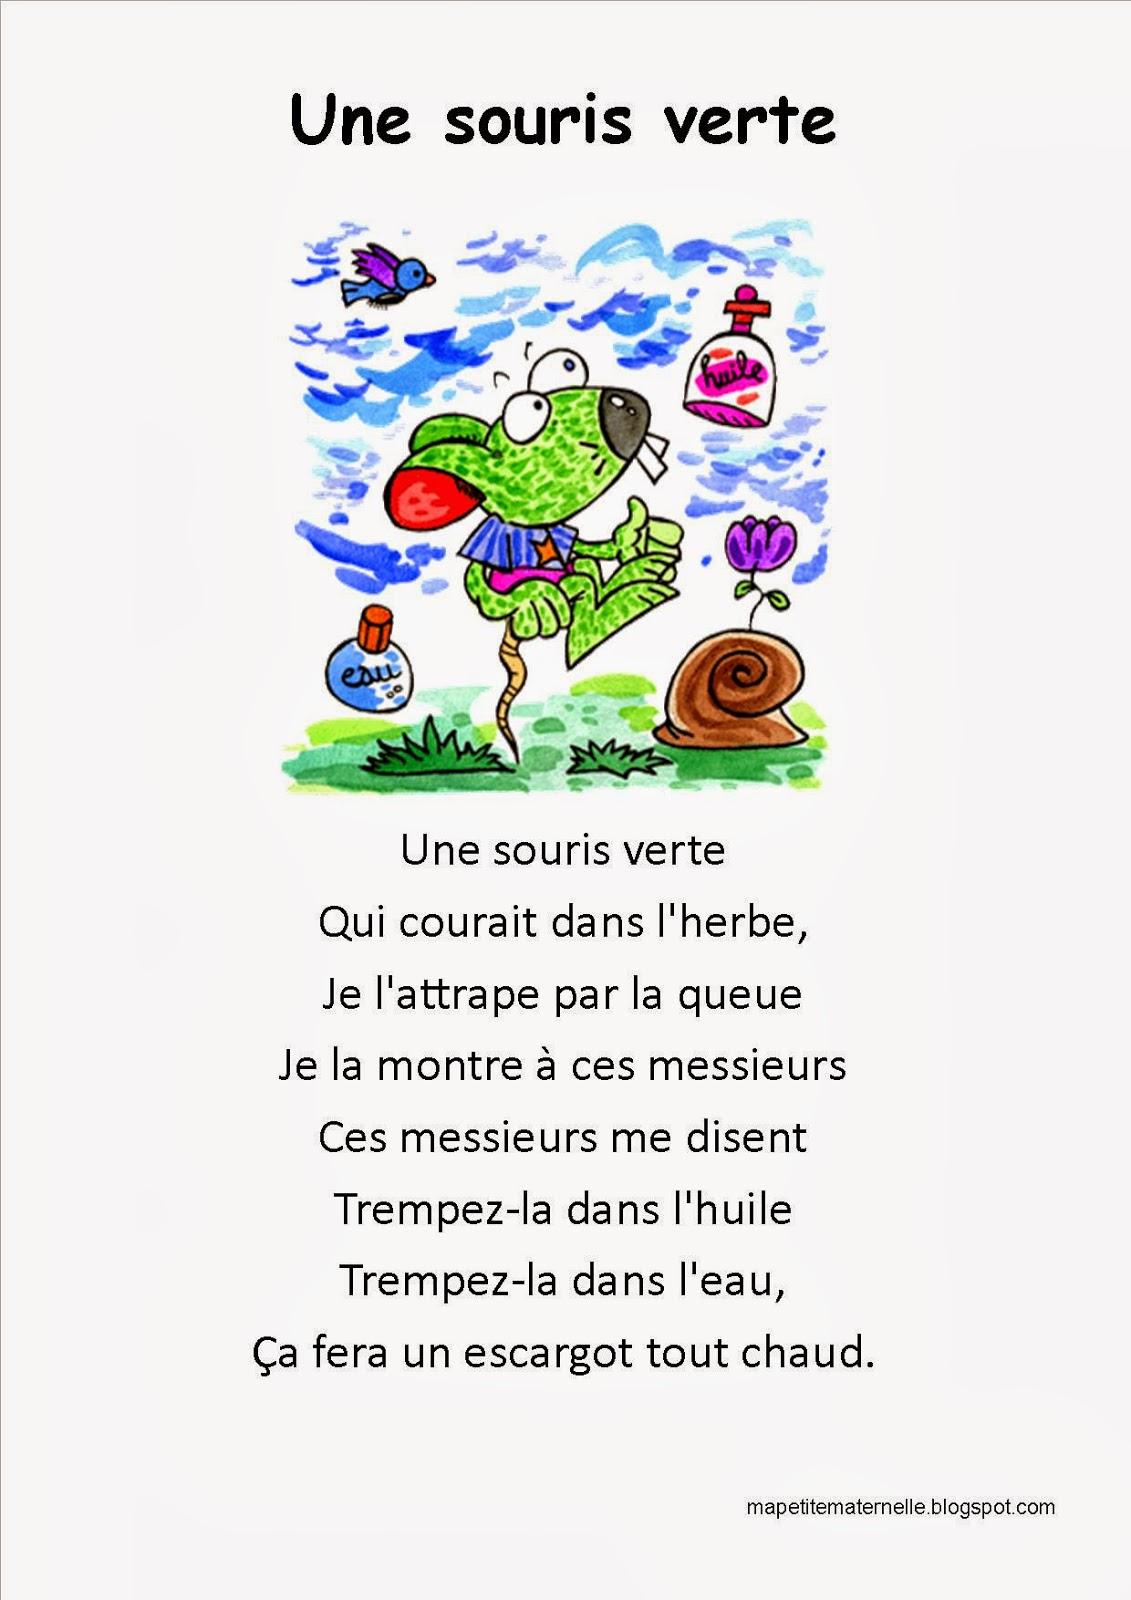 2013 - Une souris verte singe ...